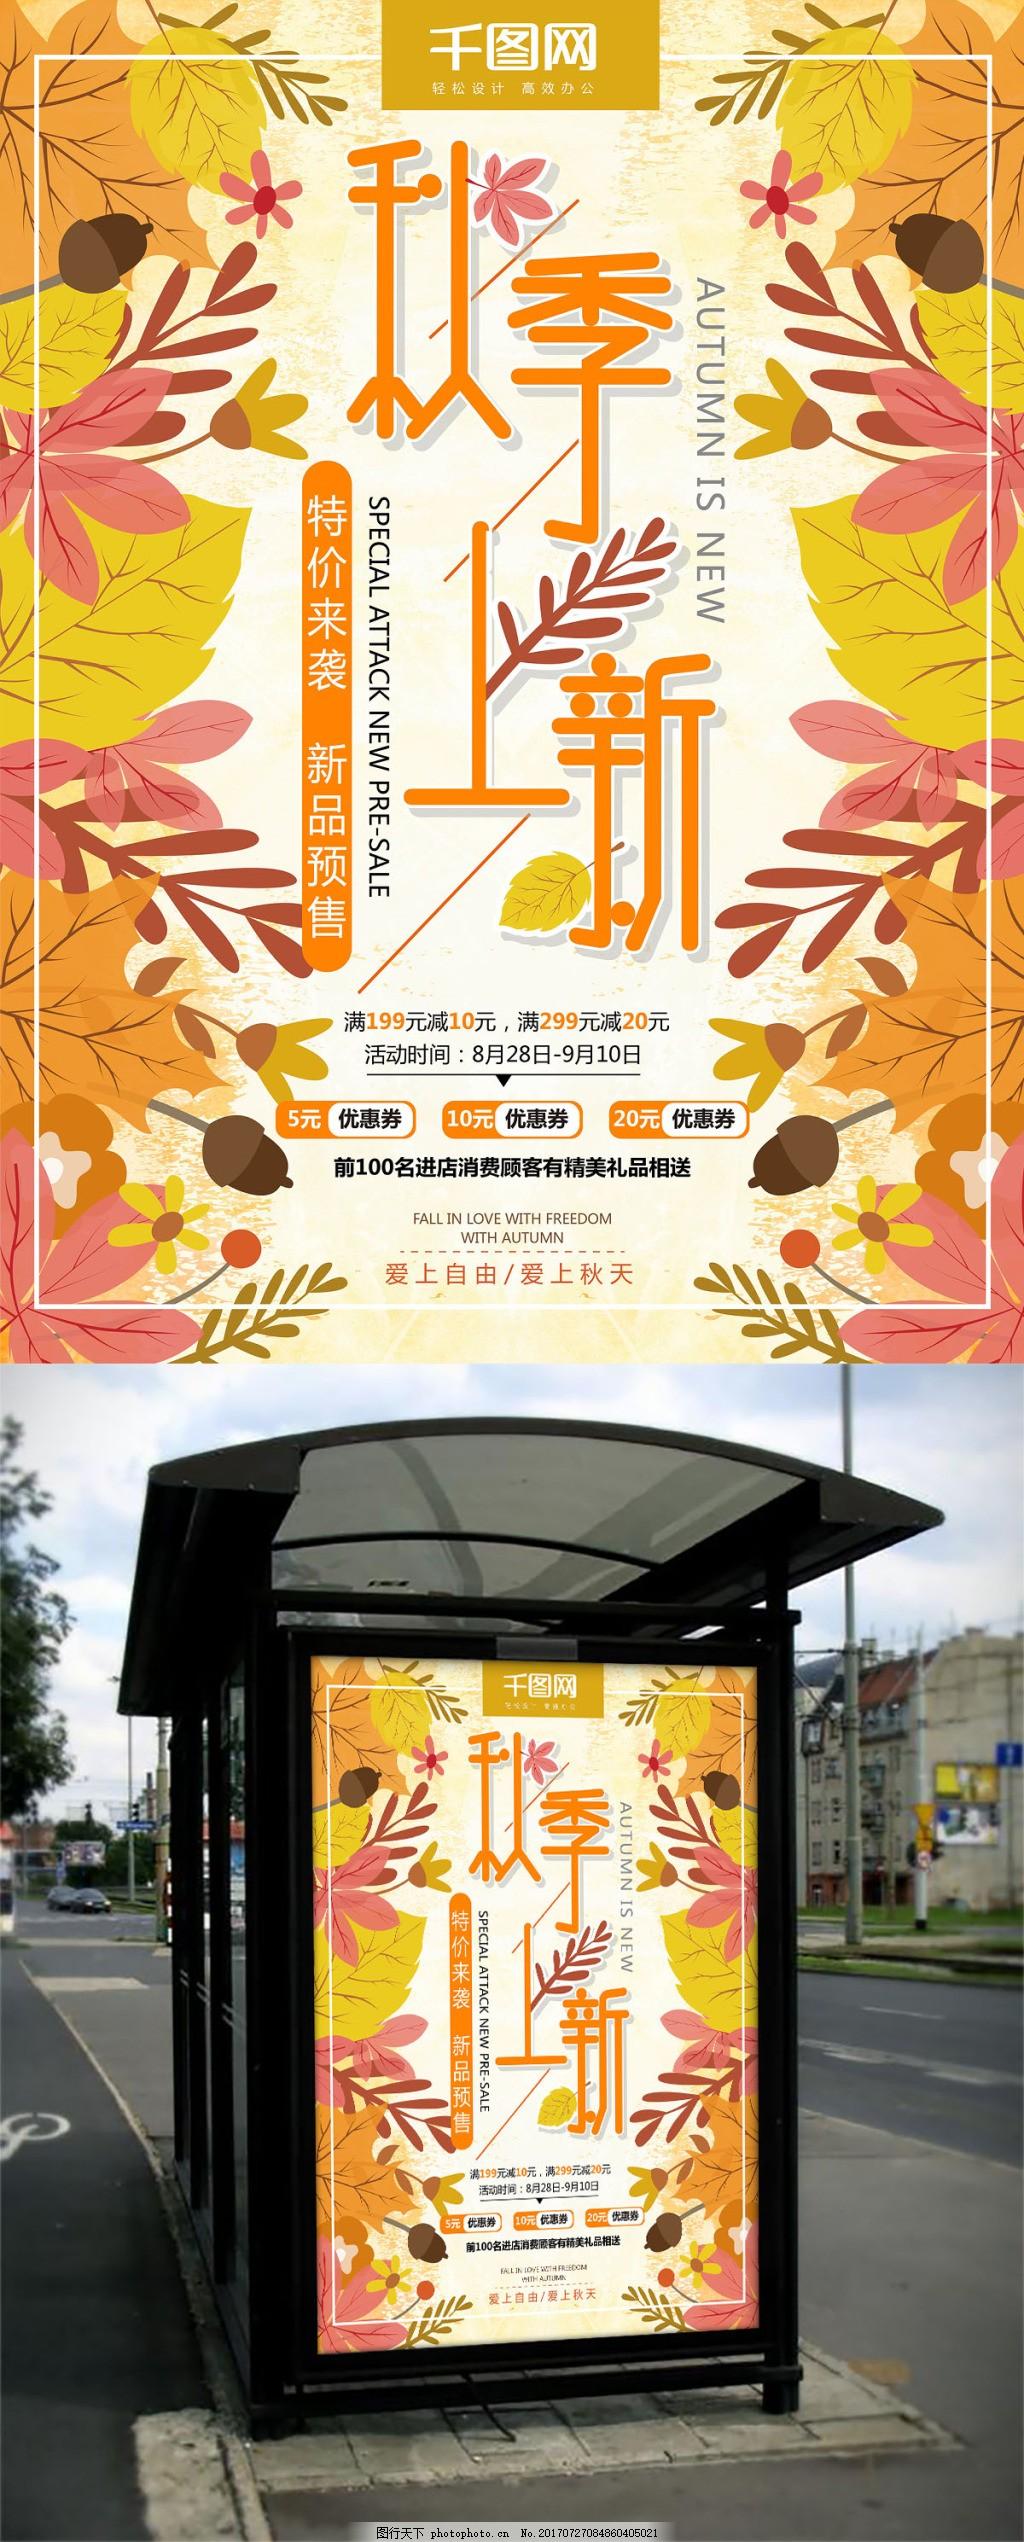 创意秋季上新促销海报 创意海报 金秋 秋天 秋季新品 秋季特价来袭